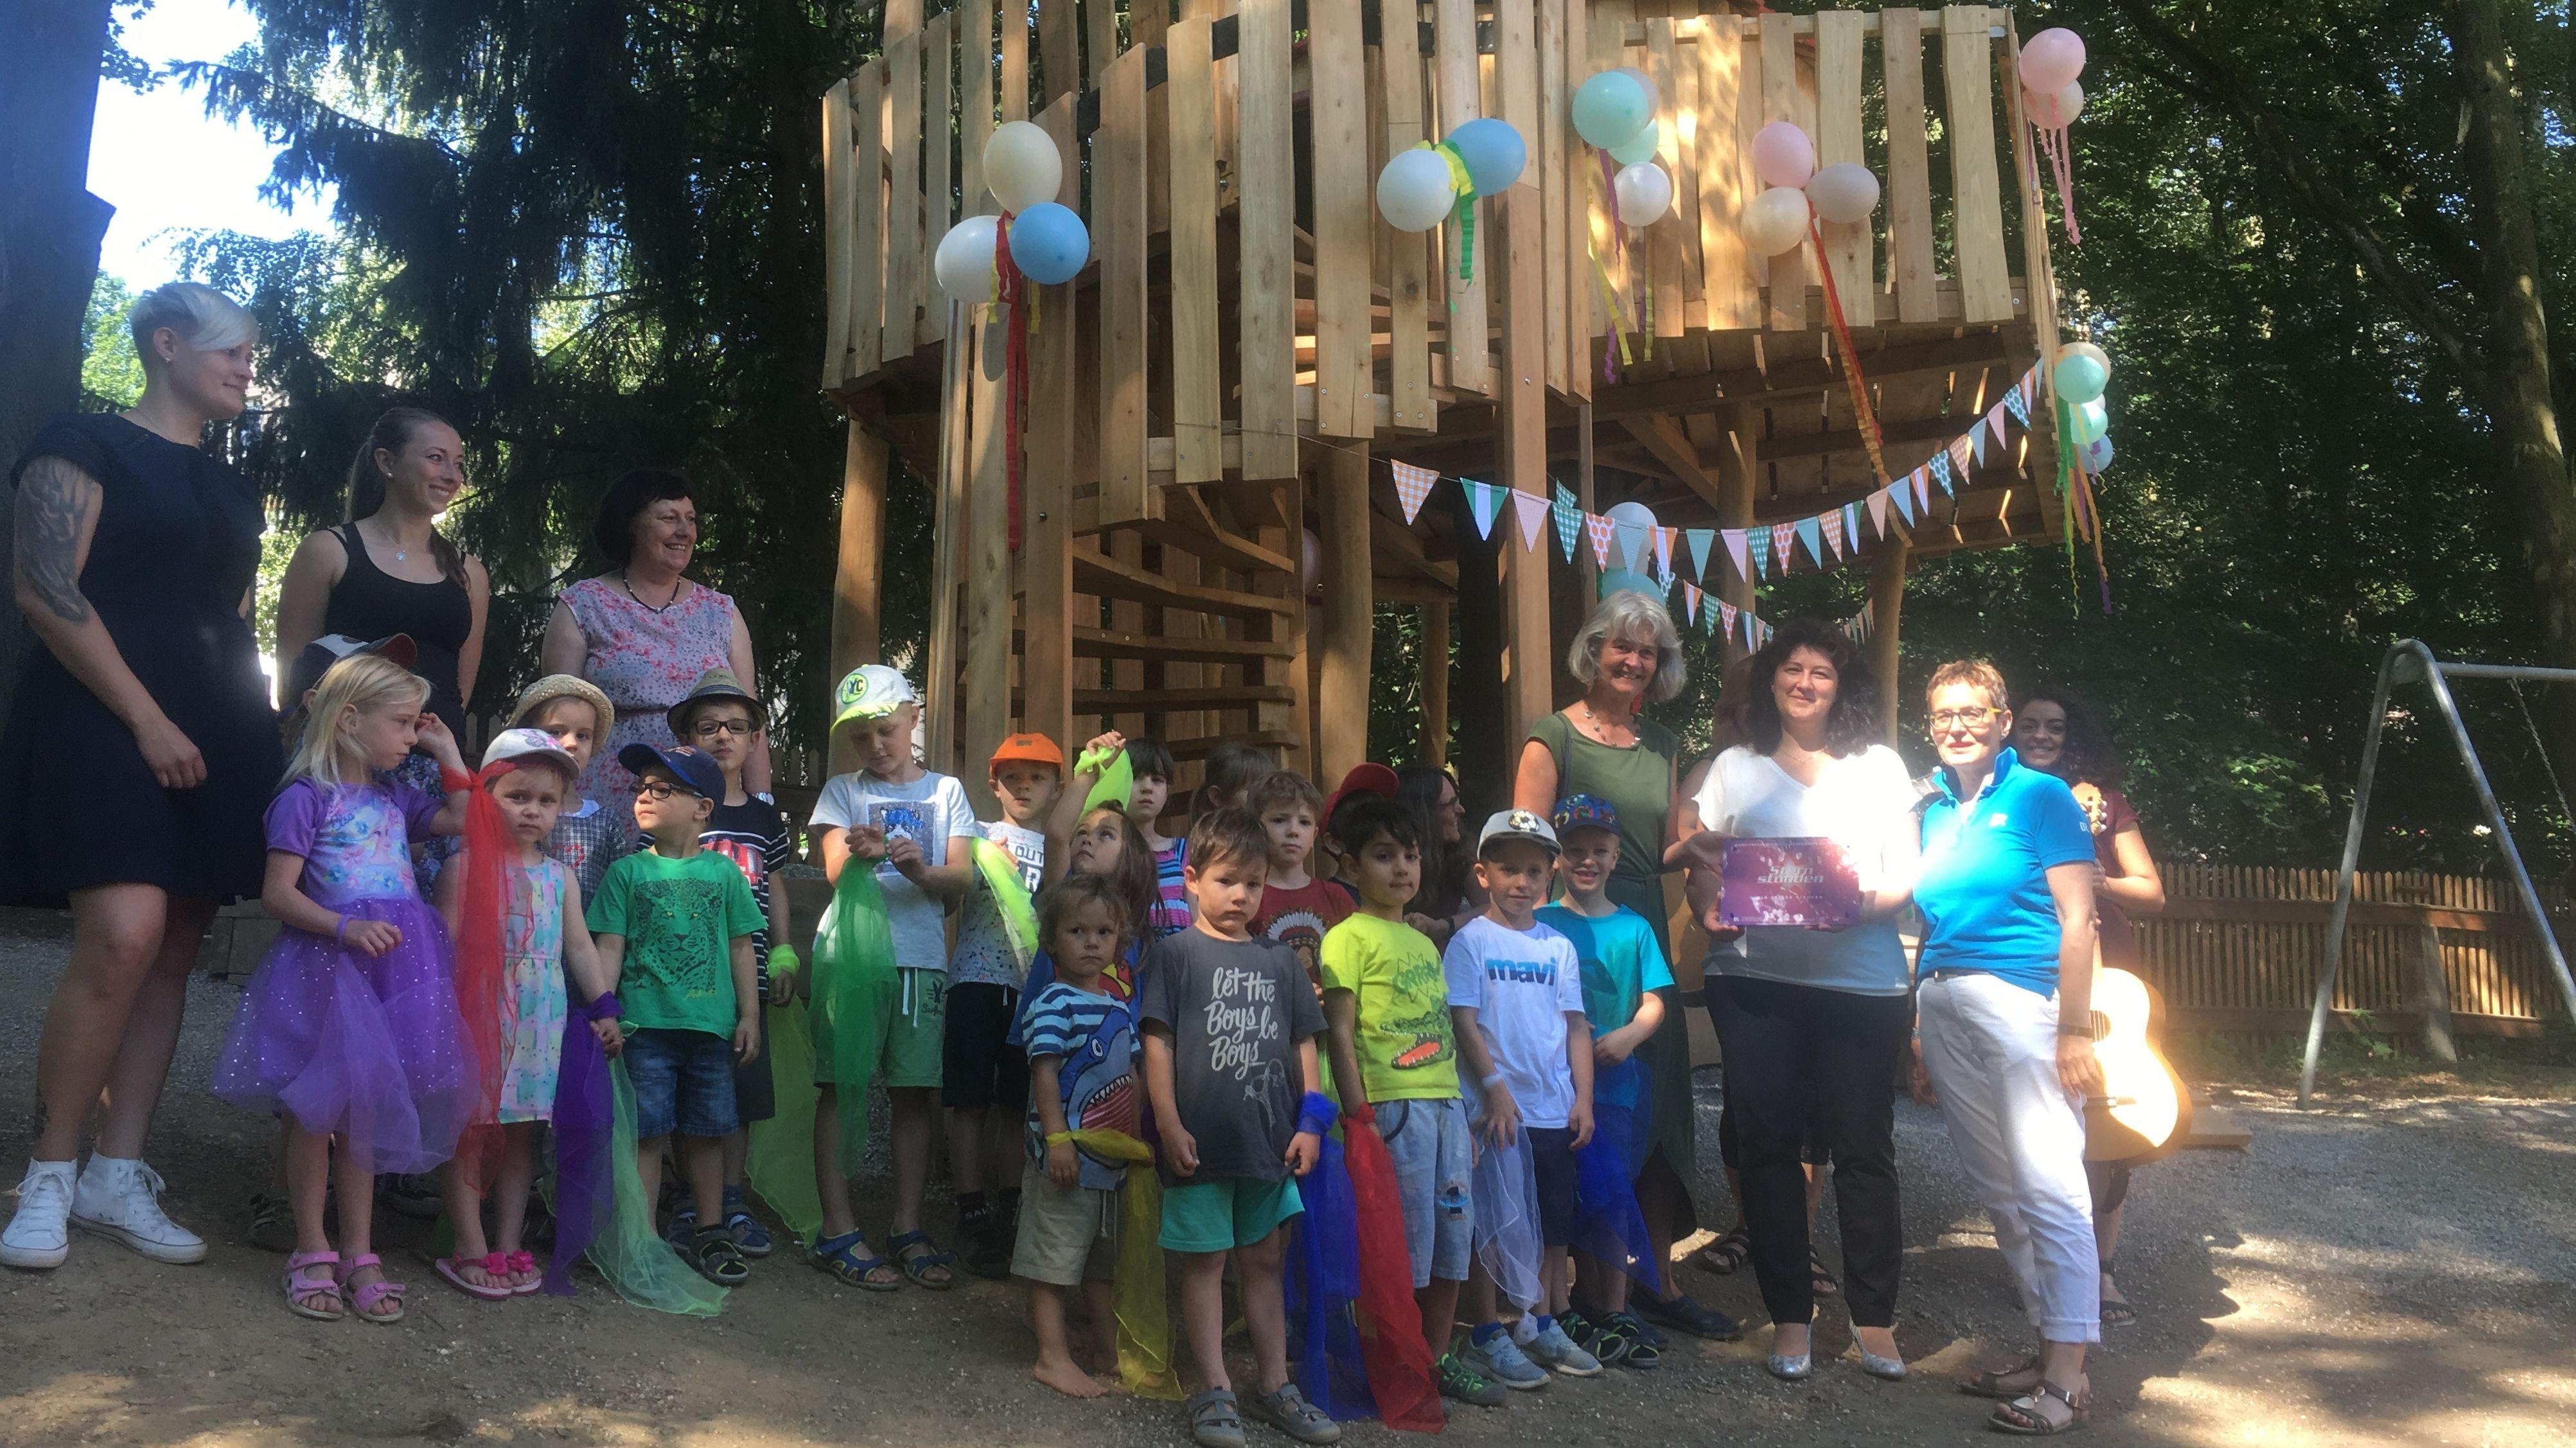 Kinder und ihre Betreuer stehen vor einem mit Luftballons geschmückten Baumhaus